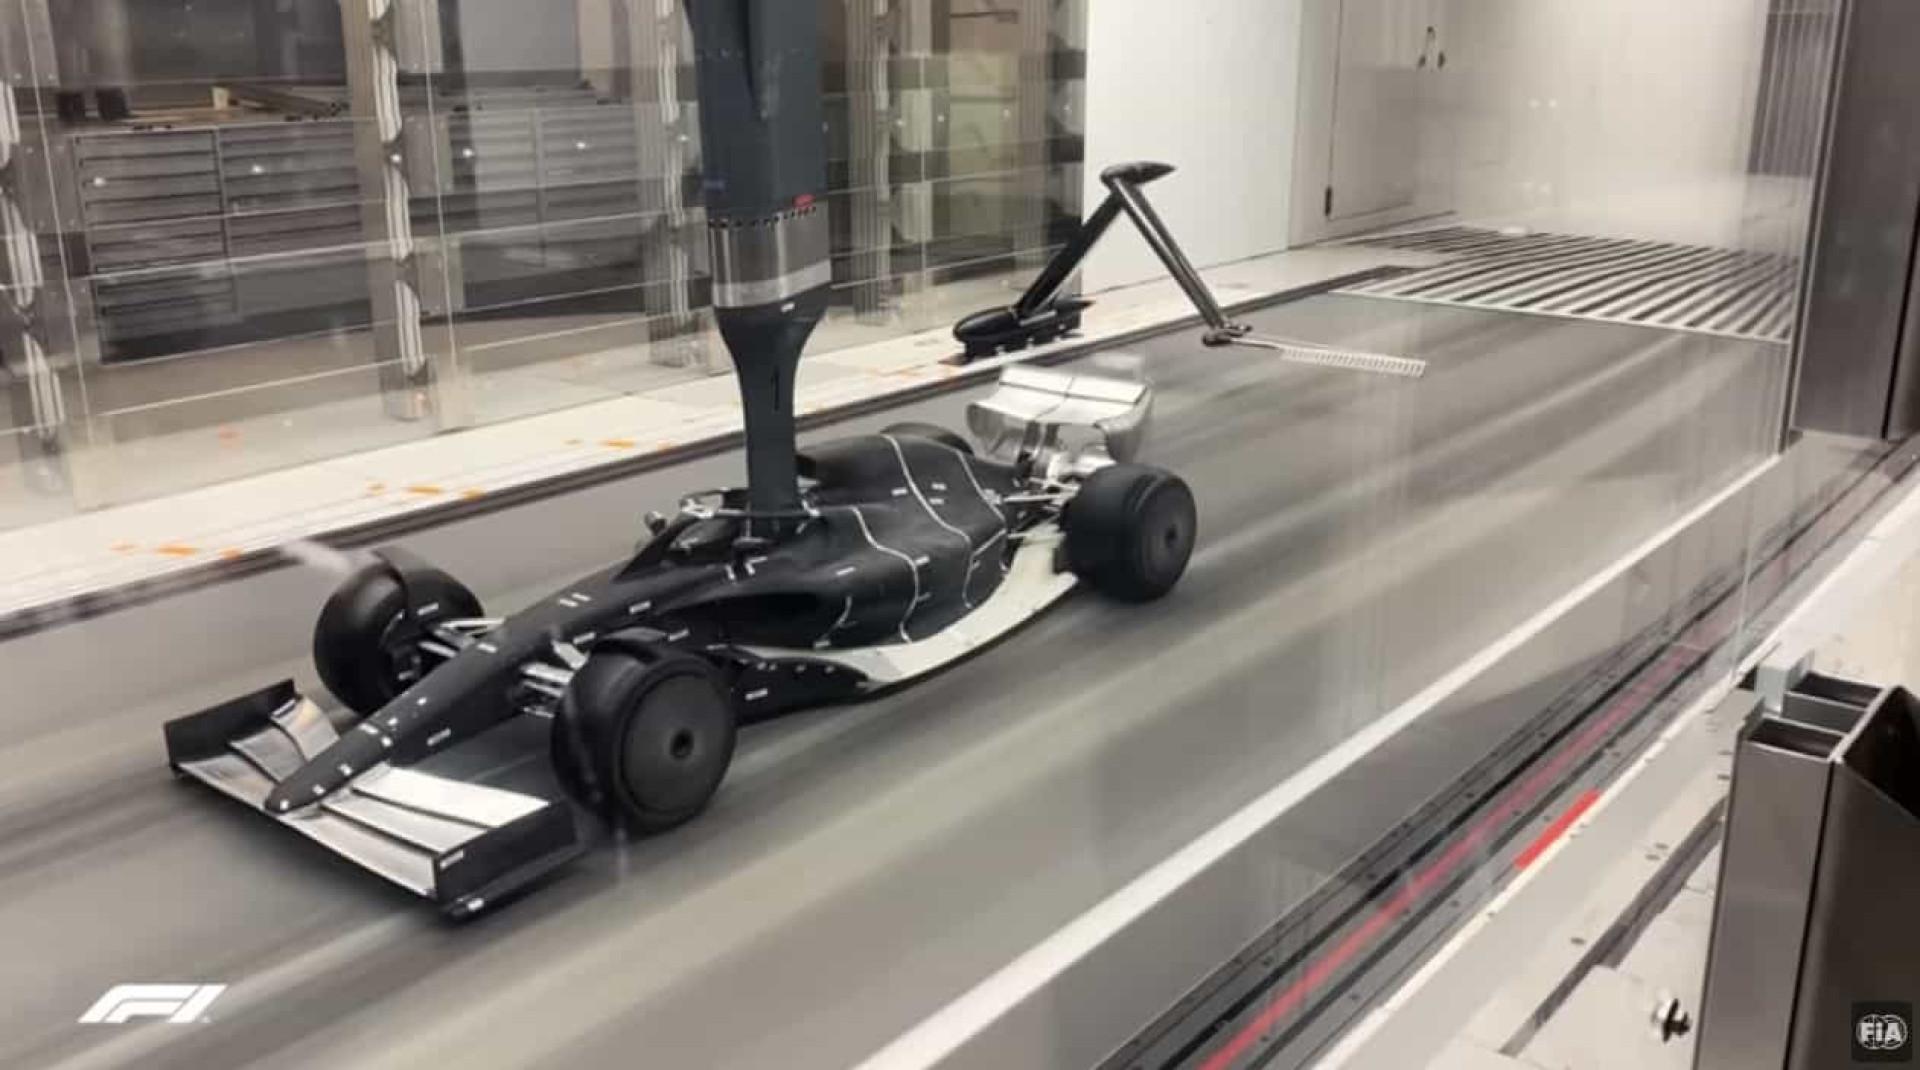 Formula 1 desvenda primeiras imagens dos carros para 2021